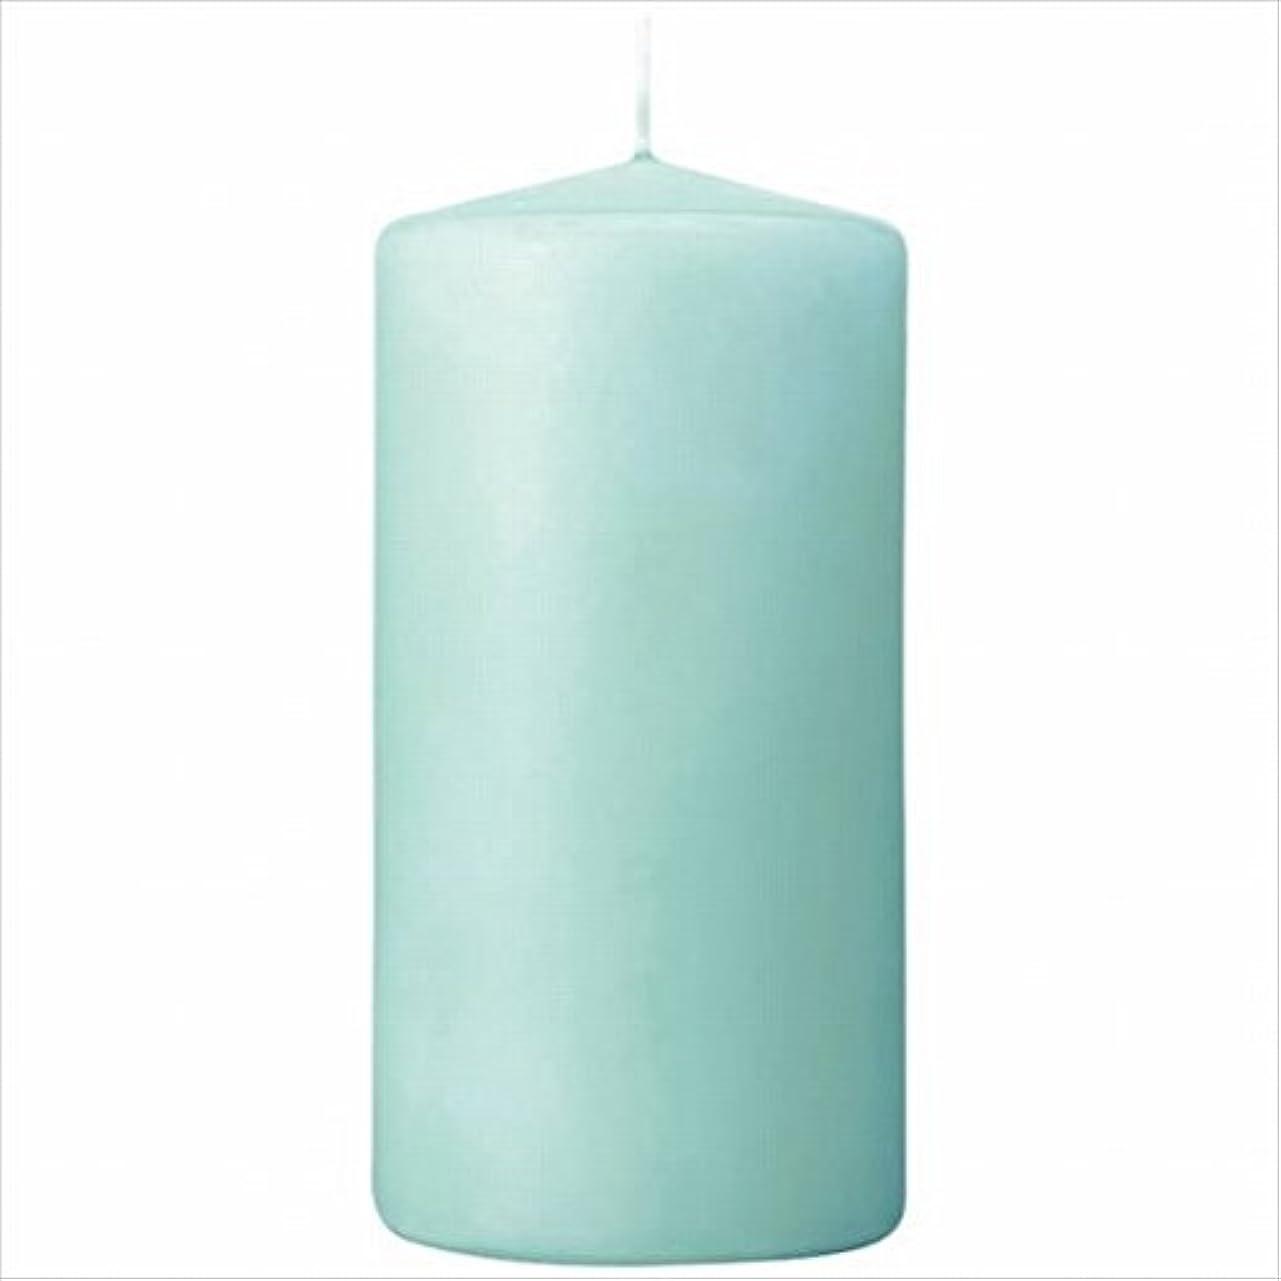 息を切らしてヒント属性カメヤマキャンドル(kameyama candle) 3×6ベルトップピラーキャンドル 「 ライトブルー 」